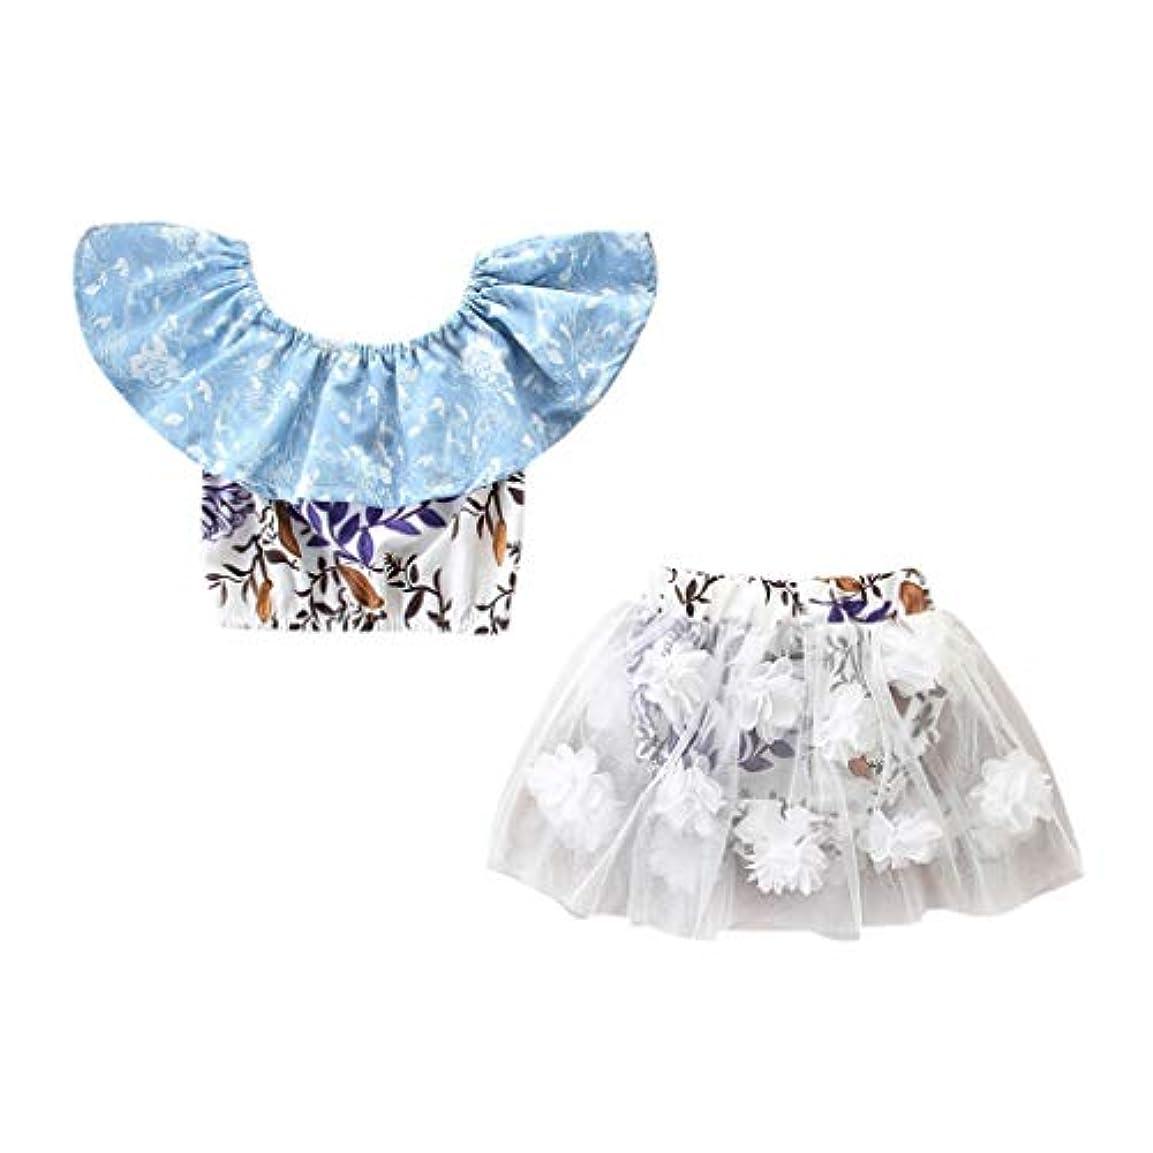 人気の定数急いでキッズ服 ドレスJopinica 6ヶ月~3歳 夏ボートネックプリントTシャツ? 3Dフラワーメッシュズボンツーピーススーツ 2点セットガールズ 特別なデザイン 花飾り ファッション女の子